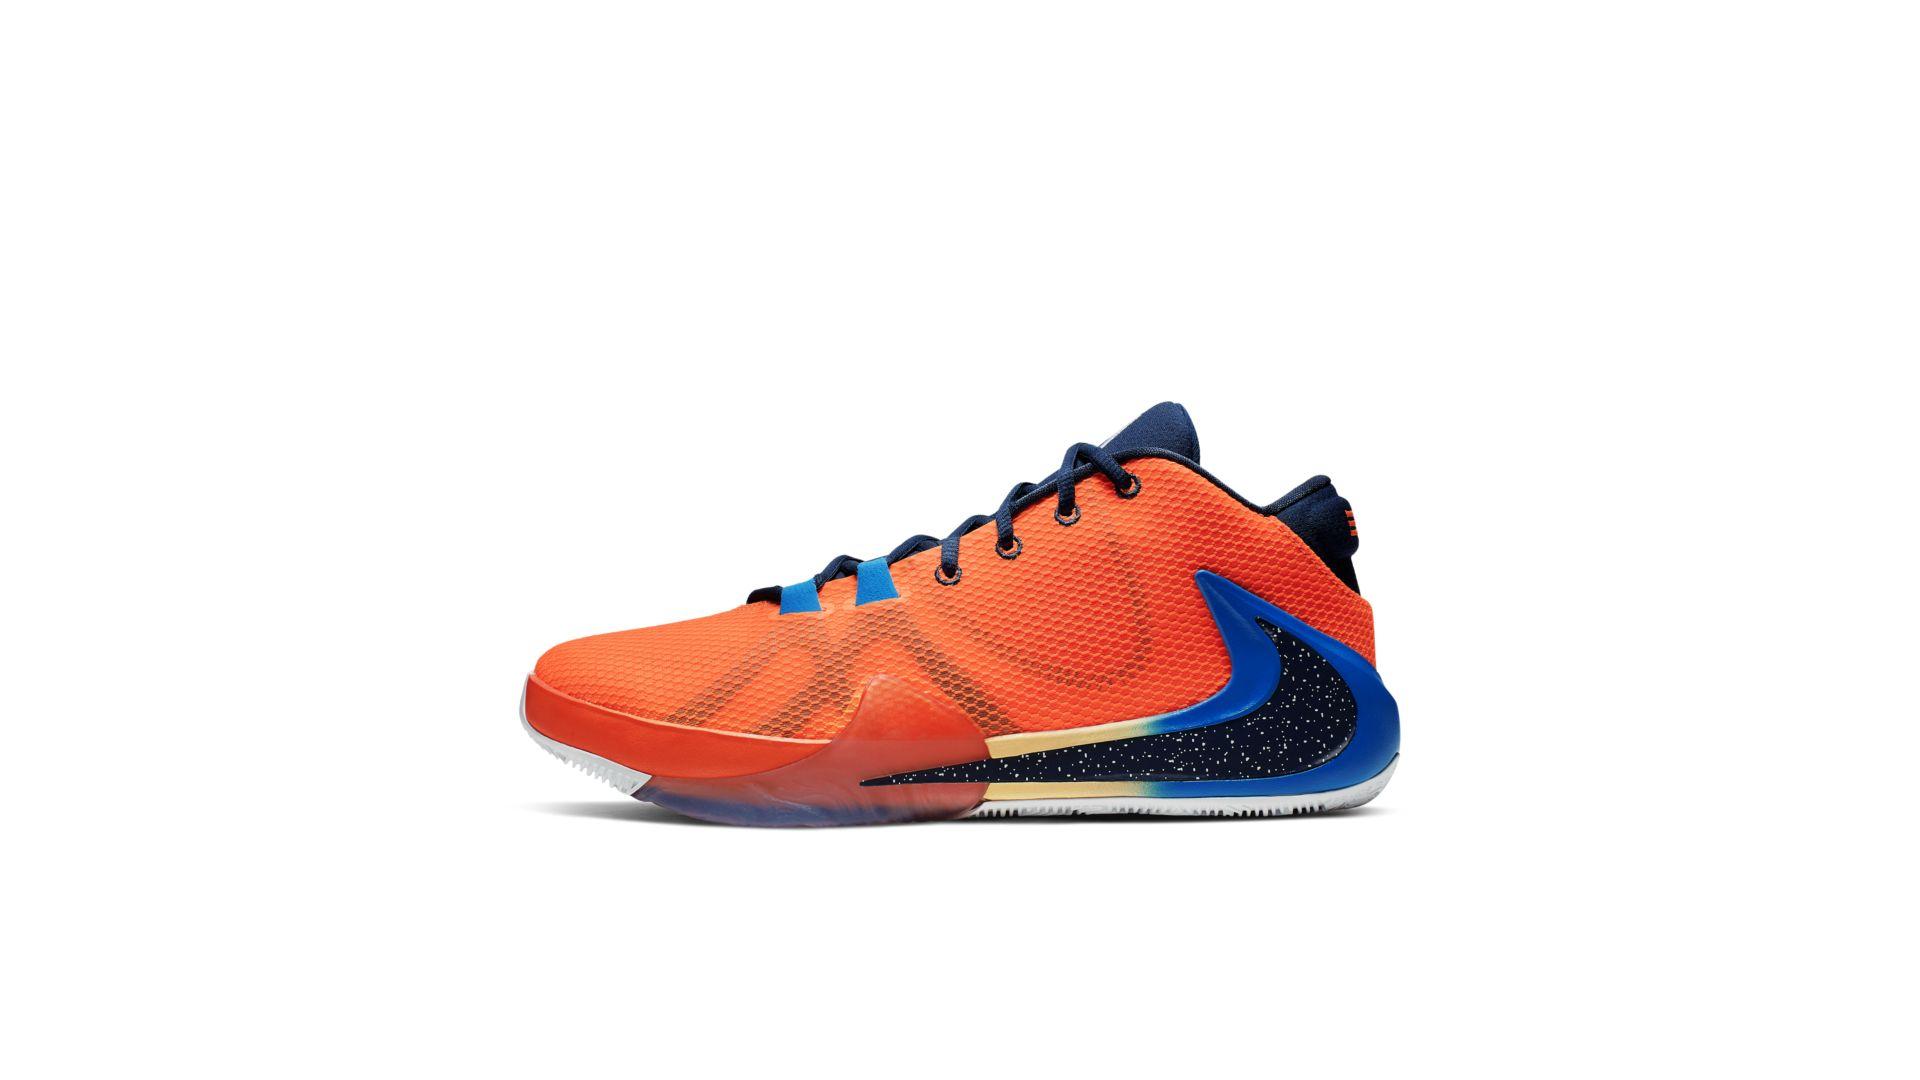 Nike Zoom Freak 1 Antetokounbros (BQ5422-800)